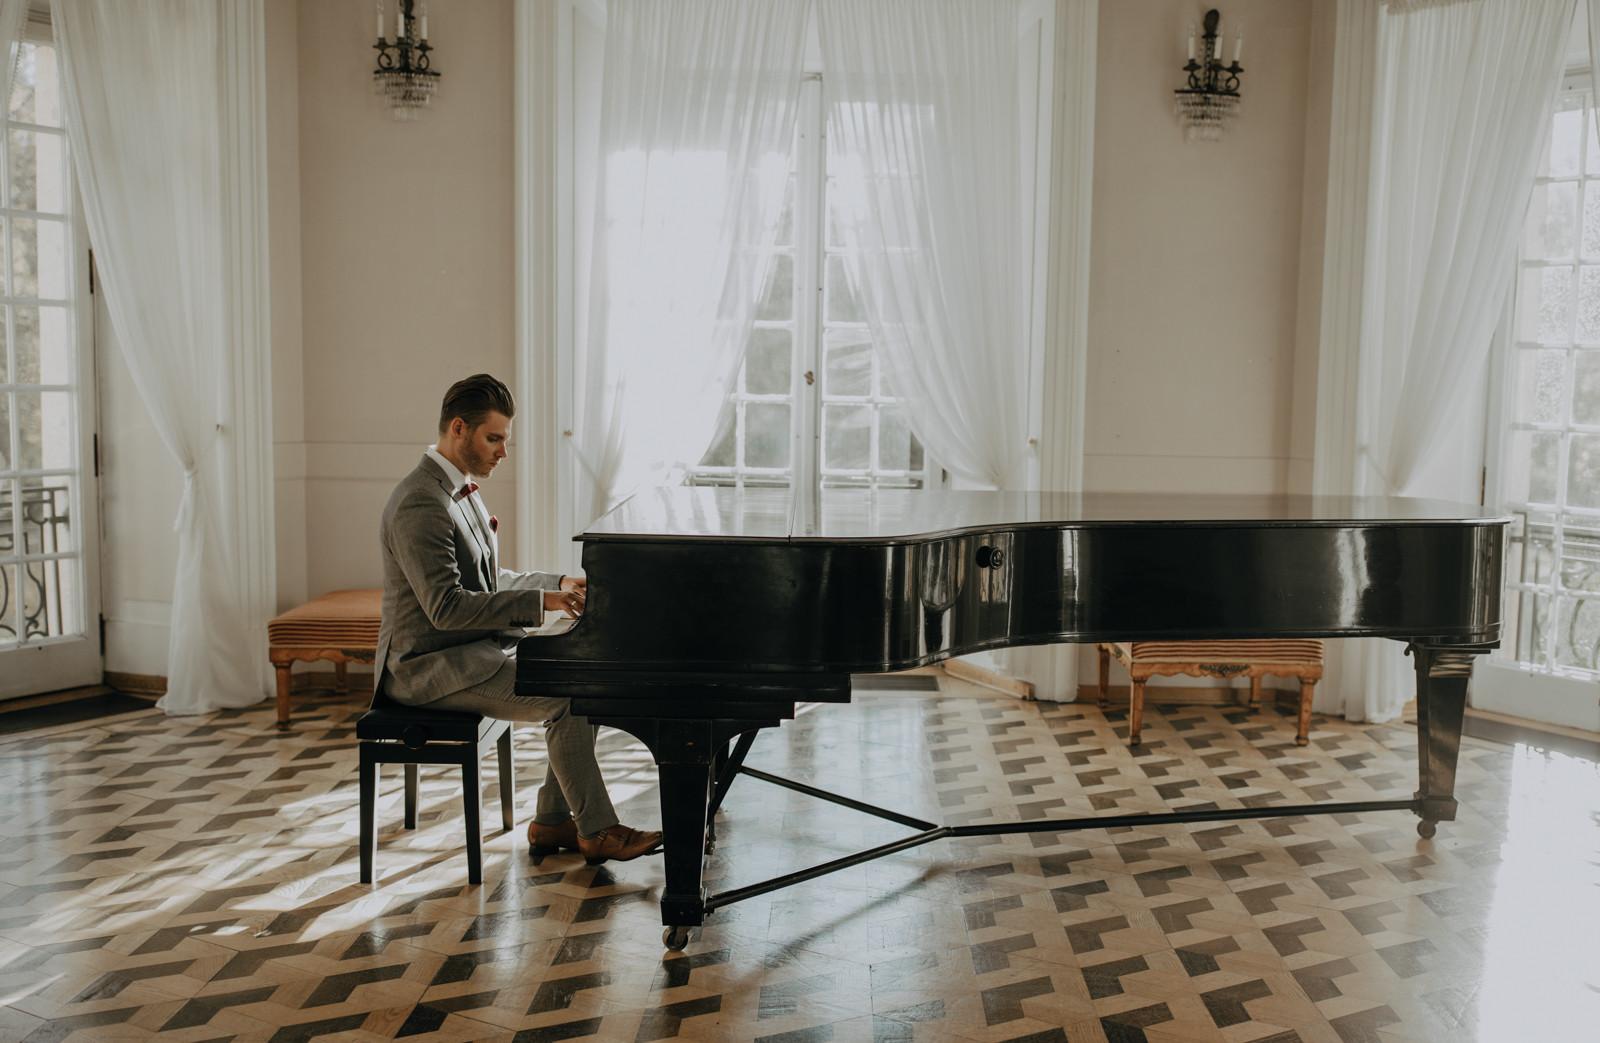 pan młody gra na fortepianie Pałacyk w Otwocku, sesja ślubna Pałac Otwock Wielki, Muzeum Wnętrz w Otwocku Wielkim